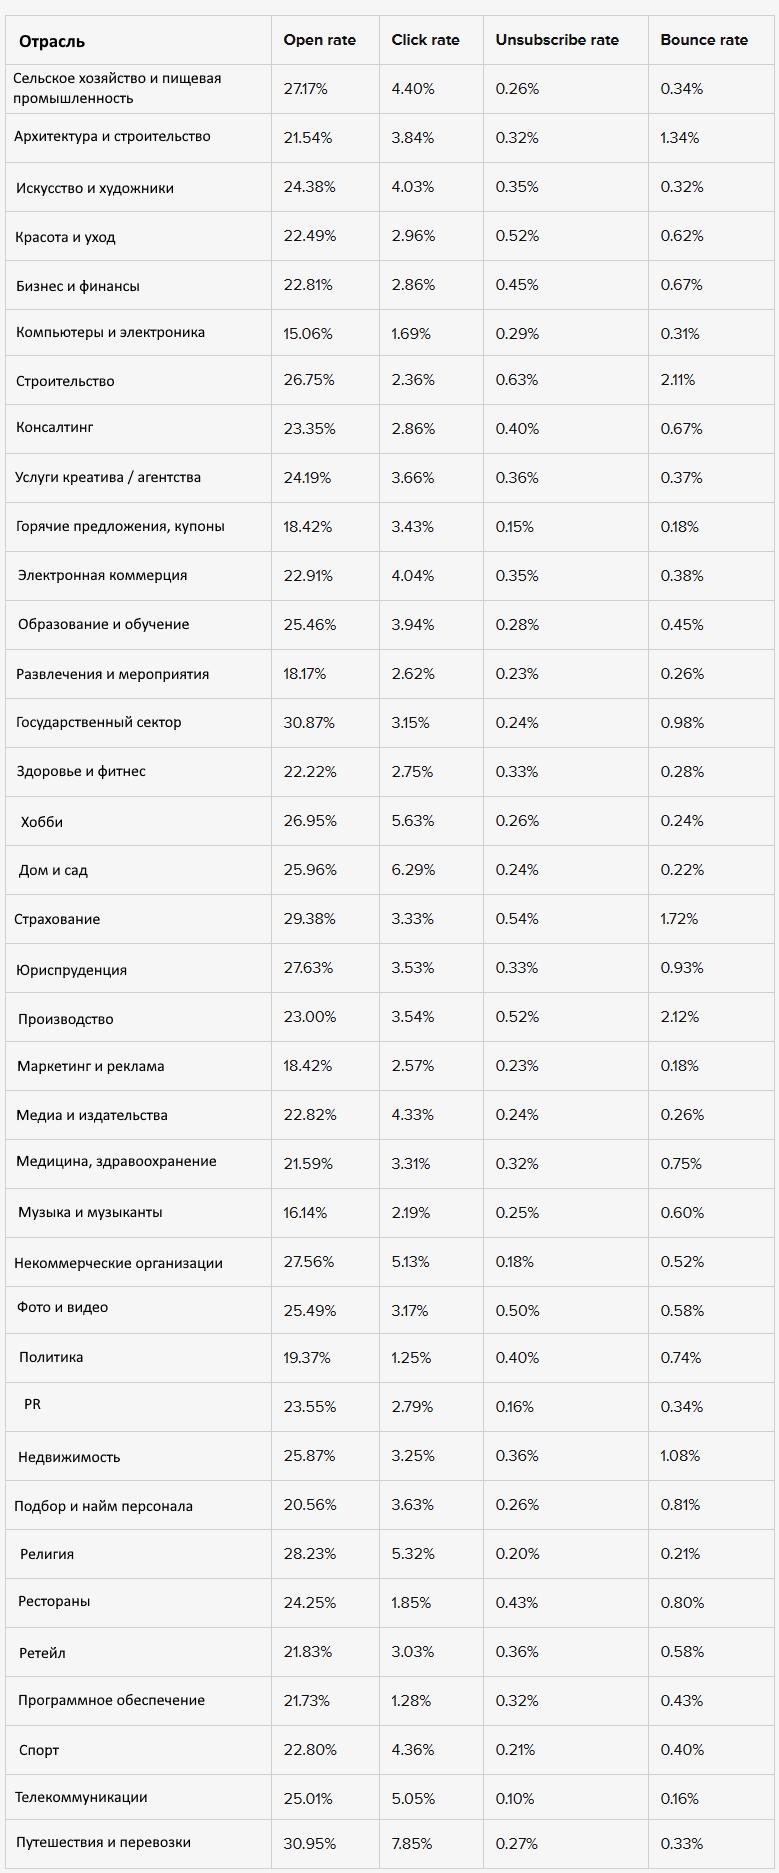 Компания MailerLite выпустила большое исследование по основным показателям email-маркетинга для разных отраслей бизнеса